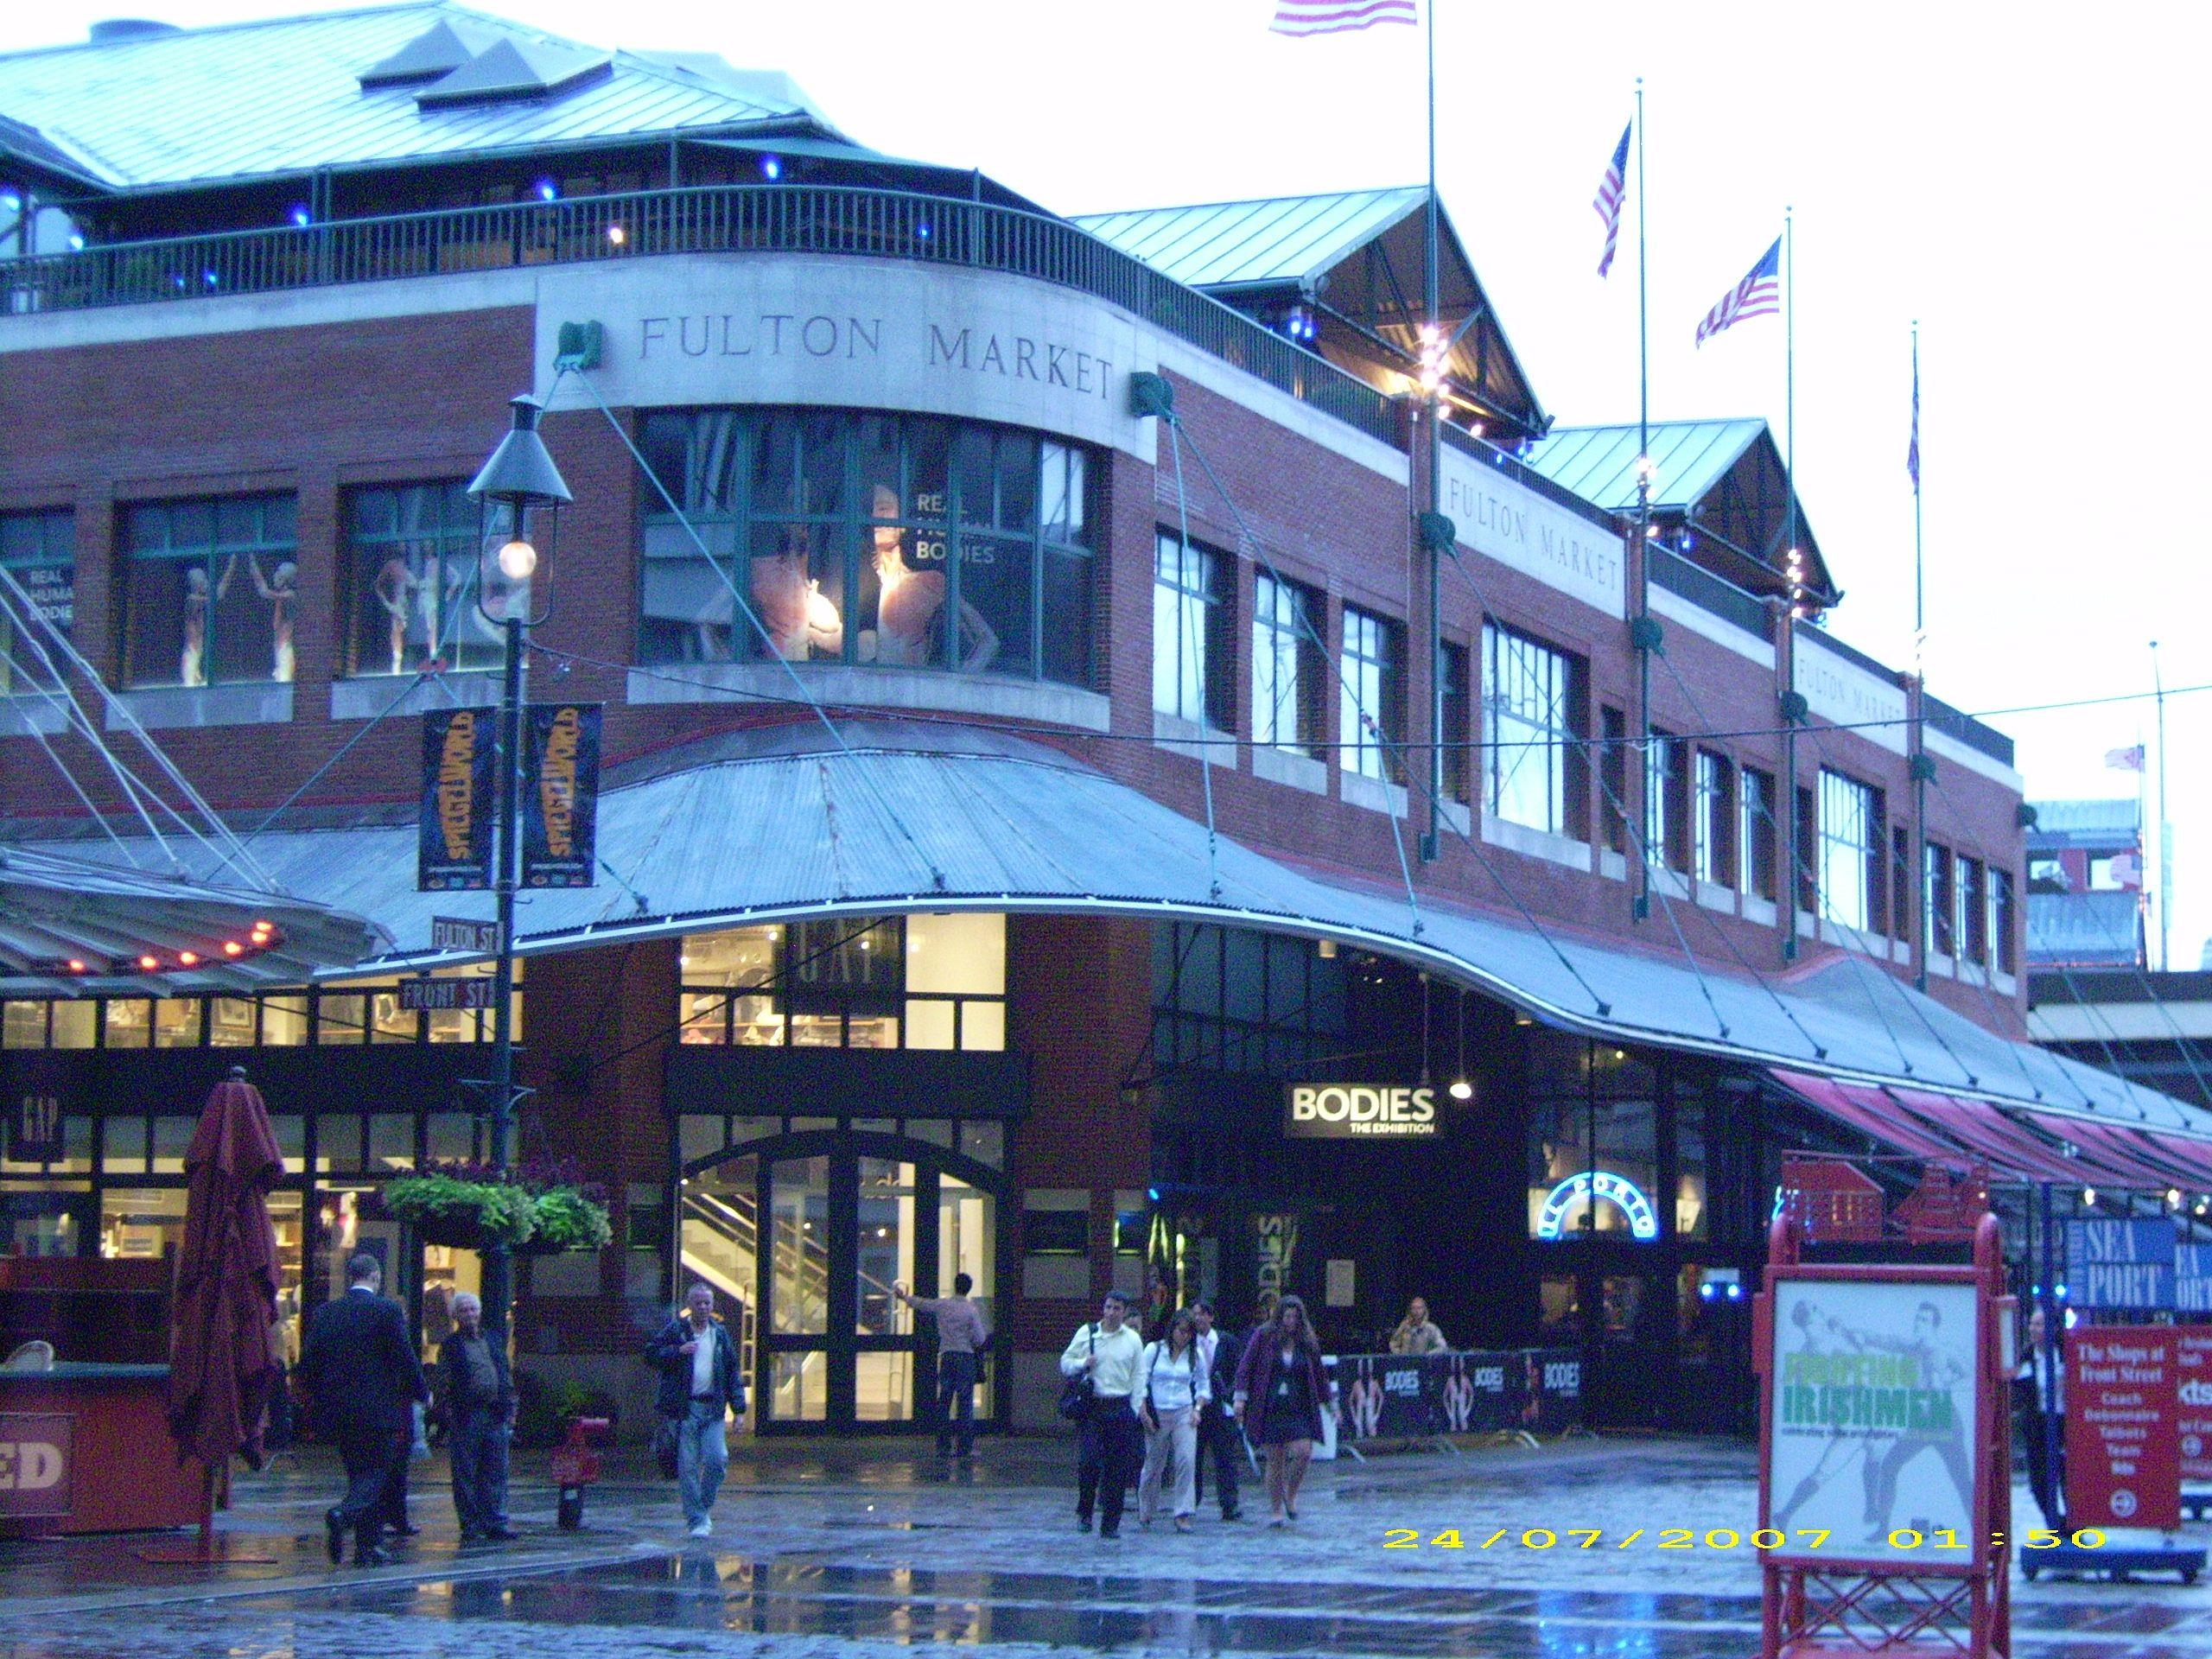 Fulton Market, NYC   I love New York!   New york city, Fulton market